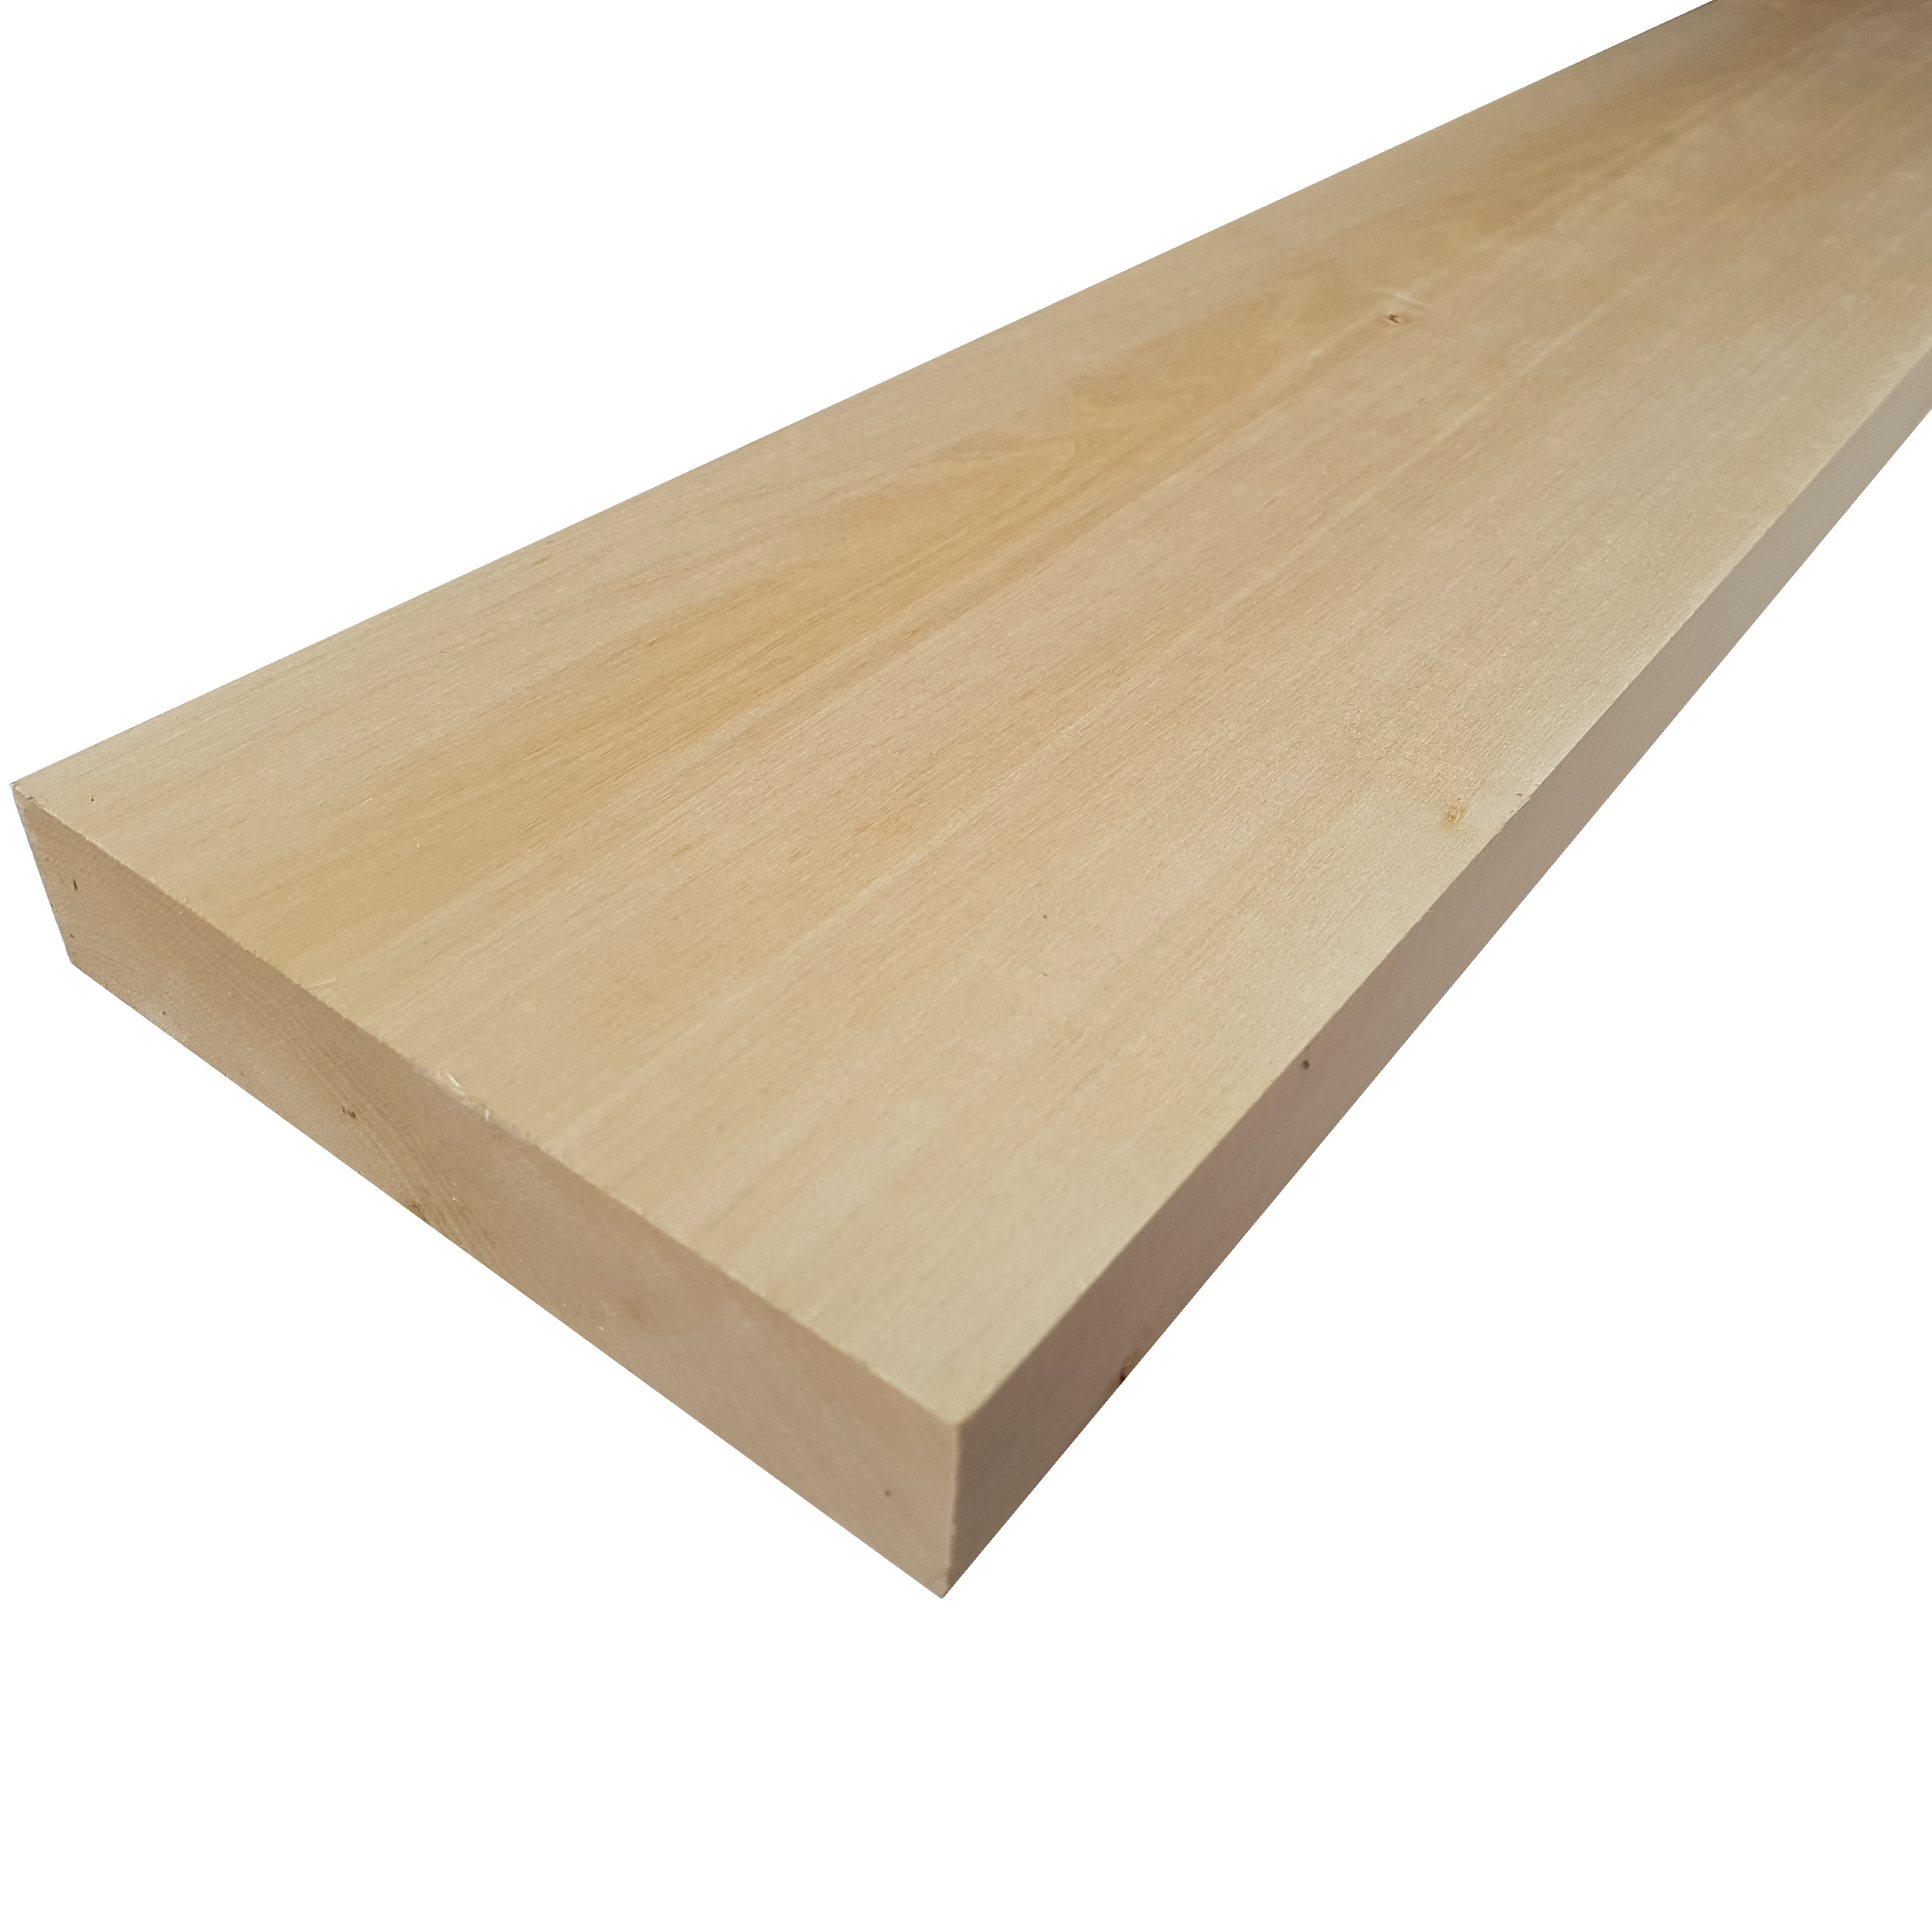 Tavole legno di Tiglio Piallate : Tavola Tiglio Piallata 2,2 x 9 x ...